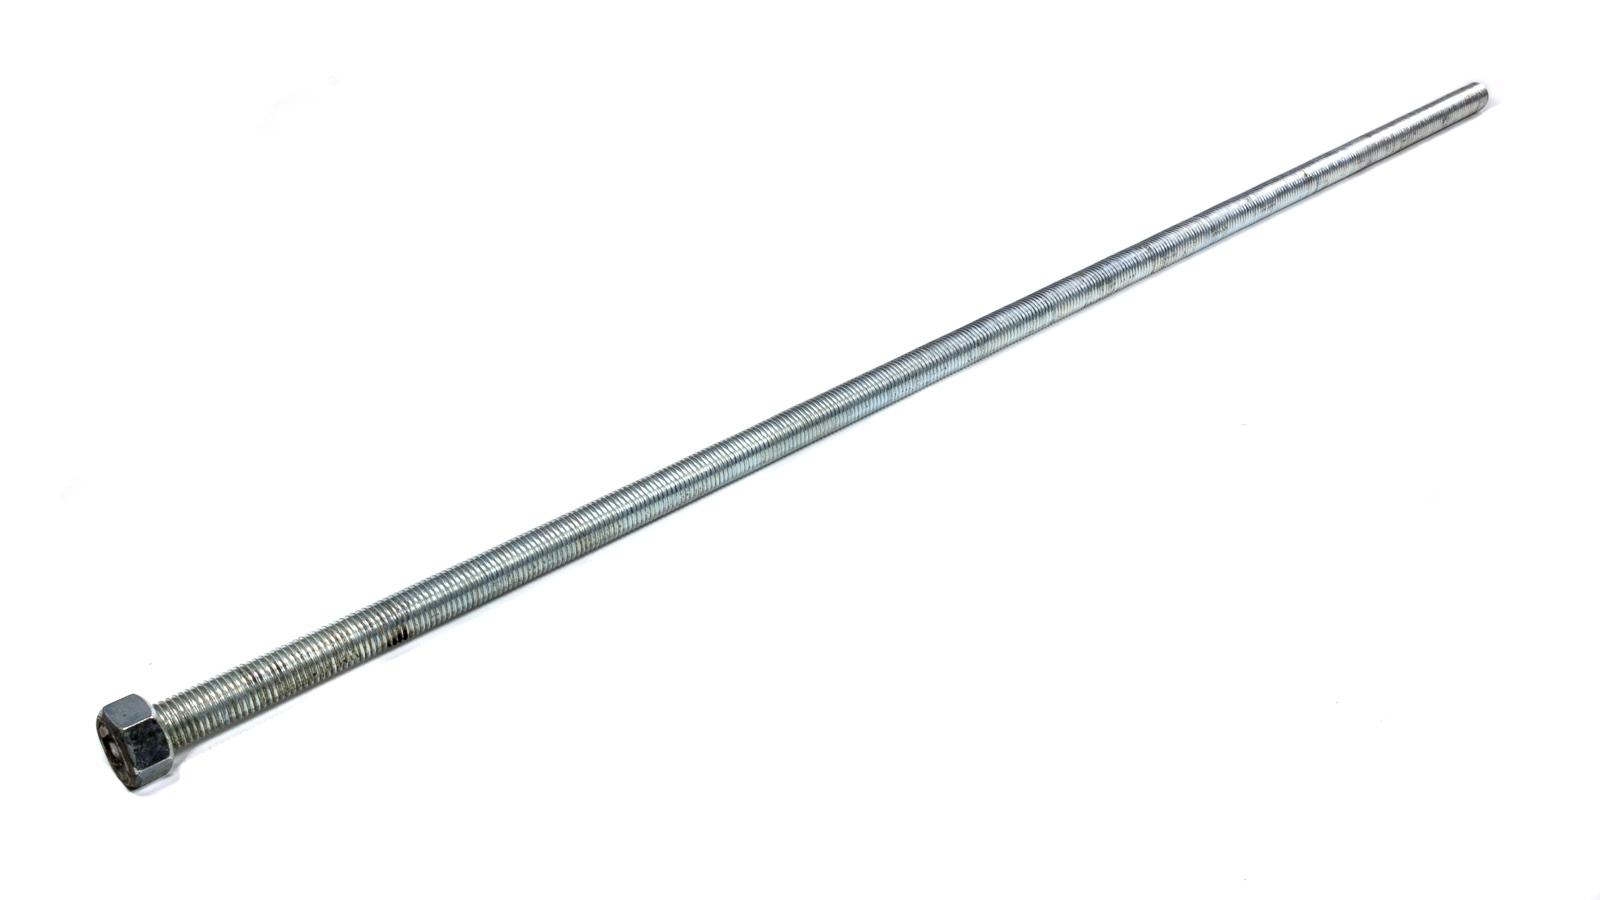 Allstar Performance Install Threaded Rod for 11350